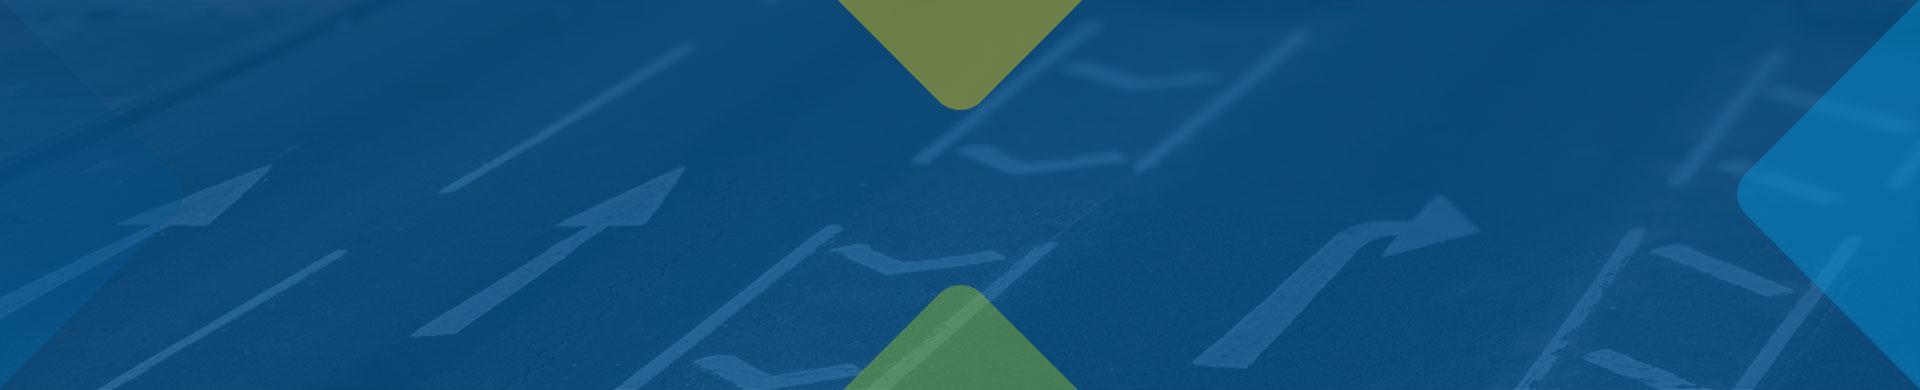 banner-for-features-fleet-maintenancefr.jpg